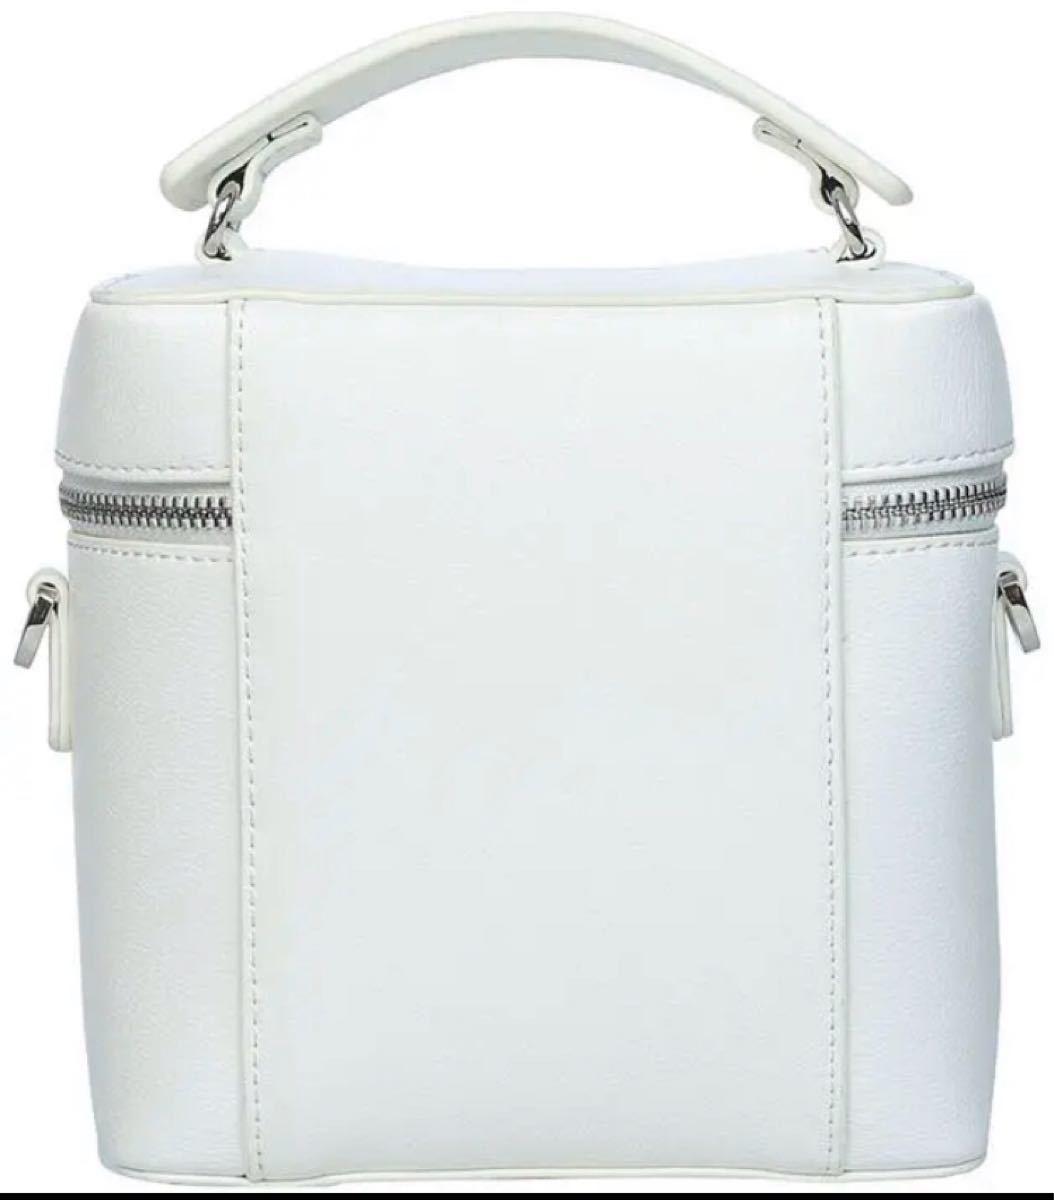 レディース ミニハンドバッグ ショルダーバッグ 化粧バッグ ホワイト